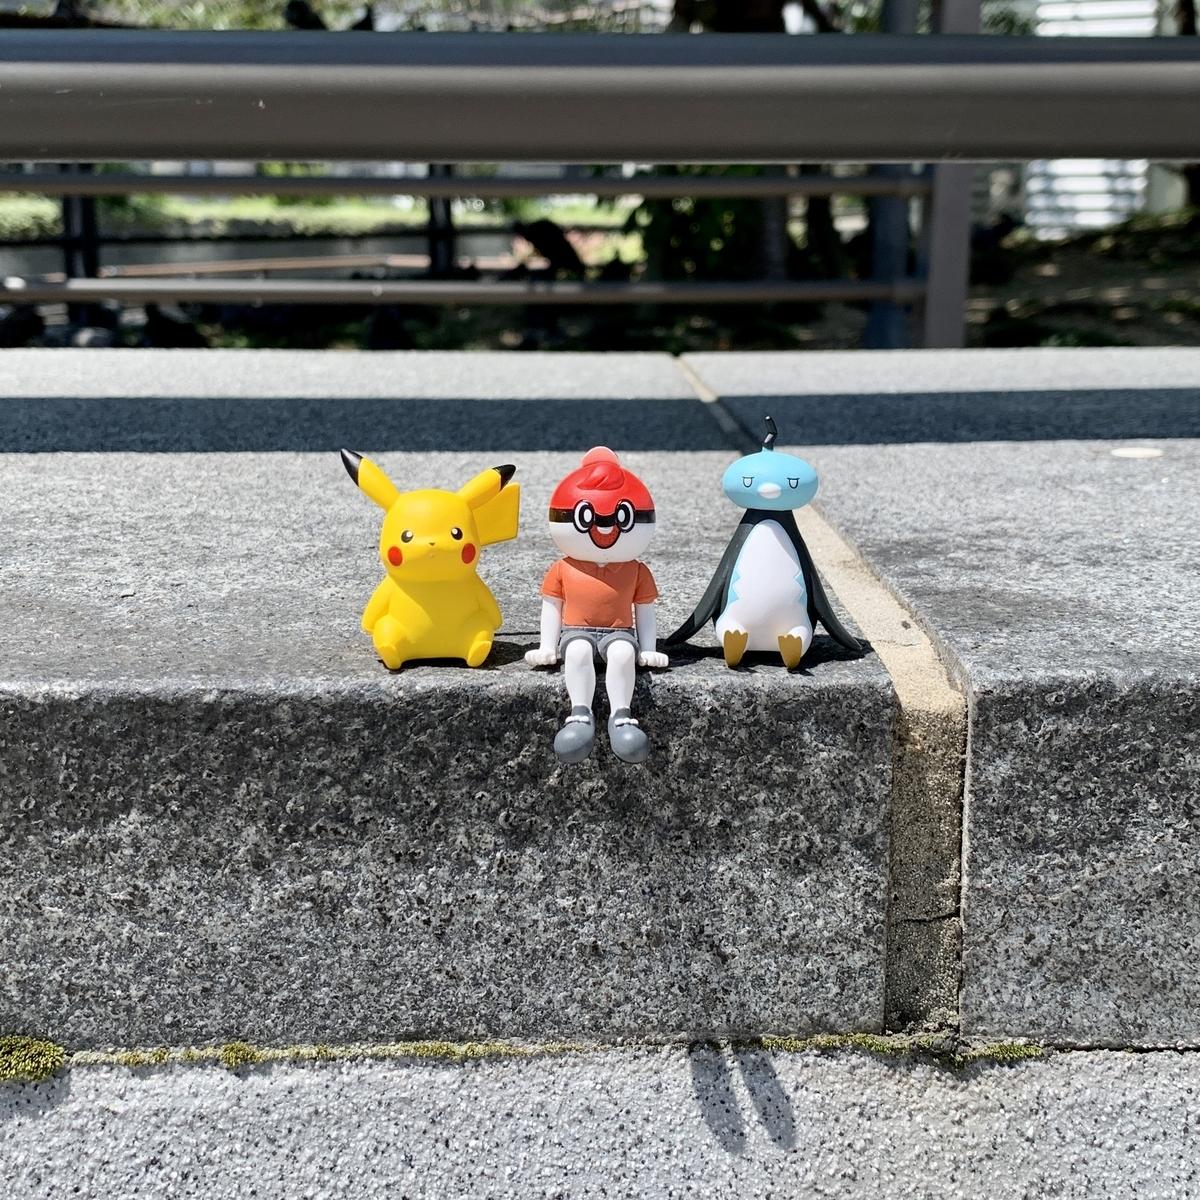 f:id:pikachu_pcn:20210719152333j:plain